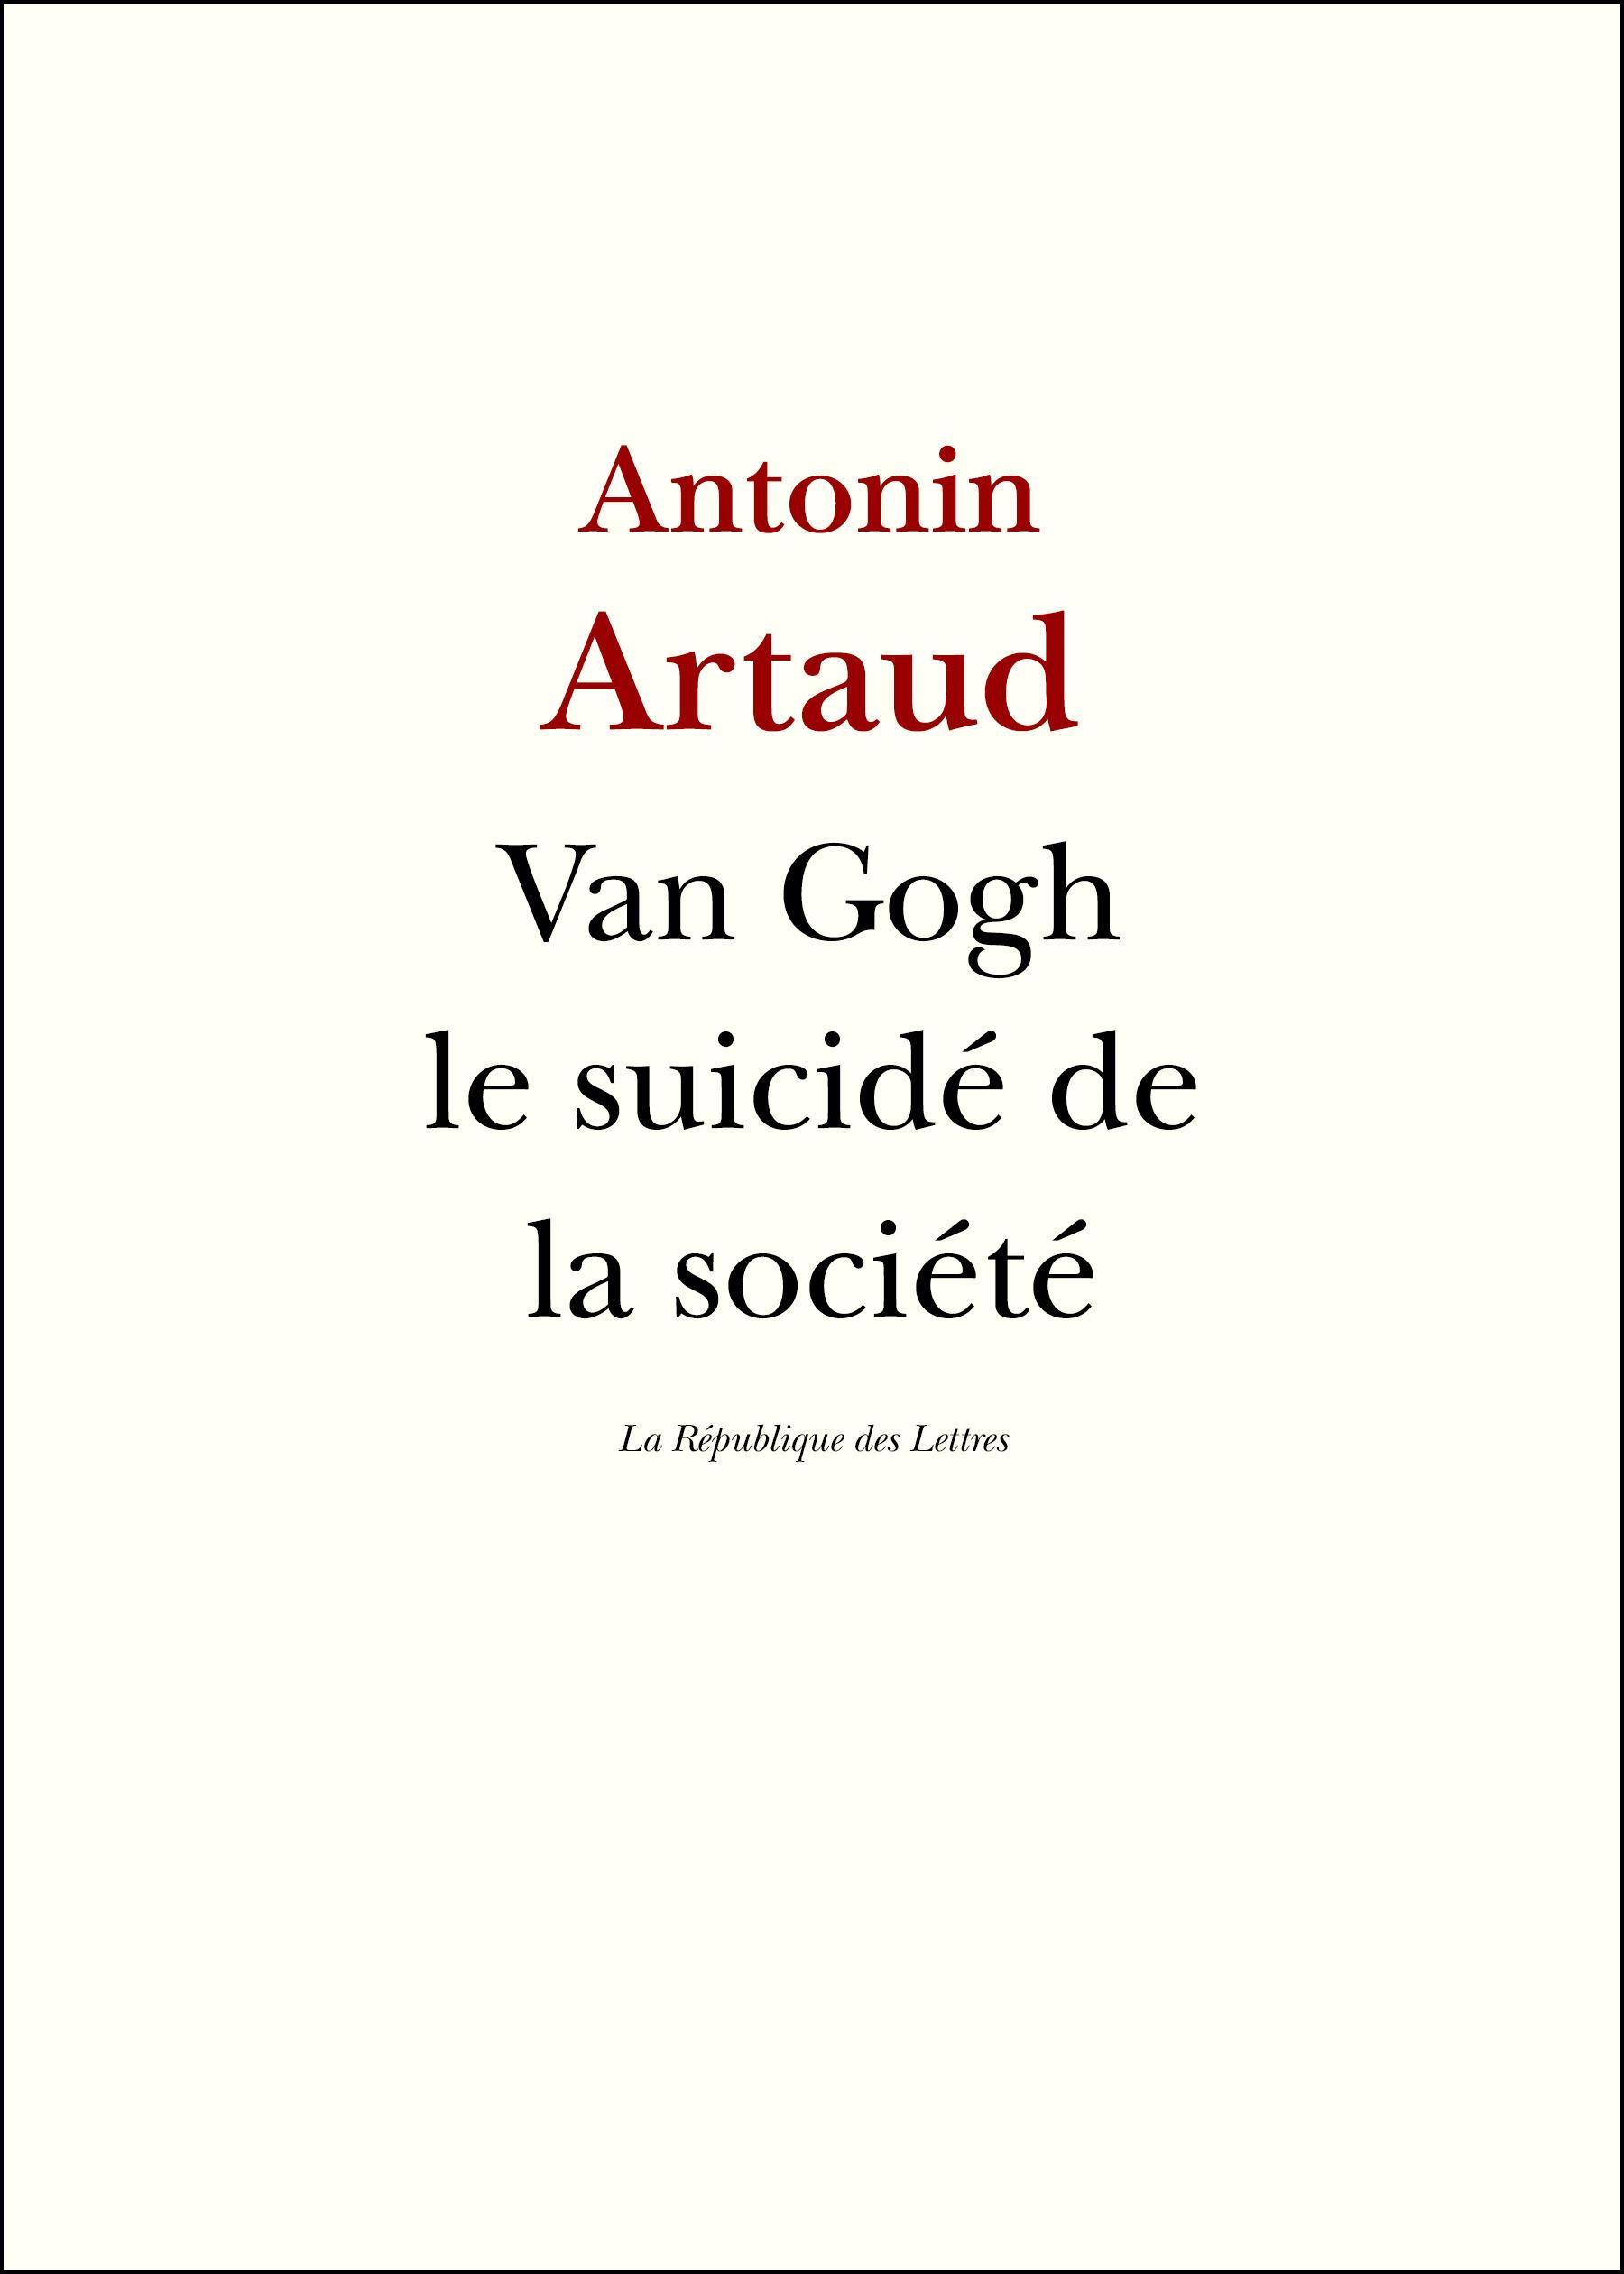 Van Gogh, le suicidé de la société